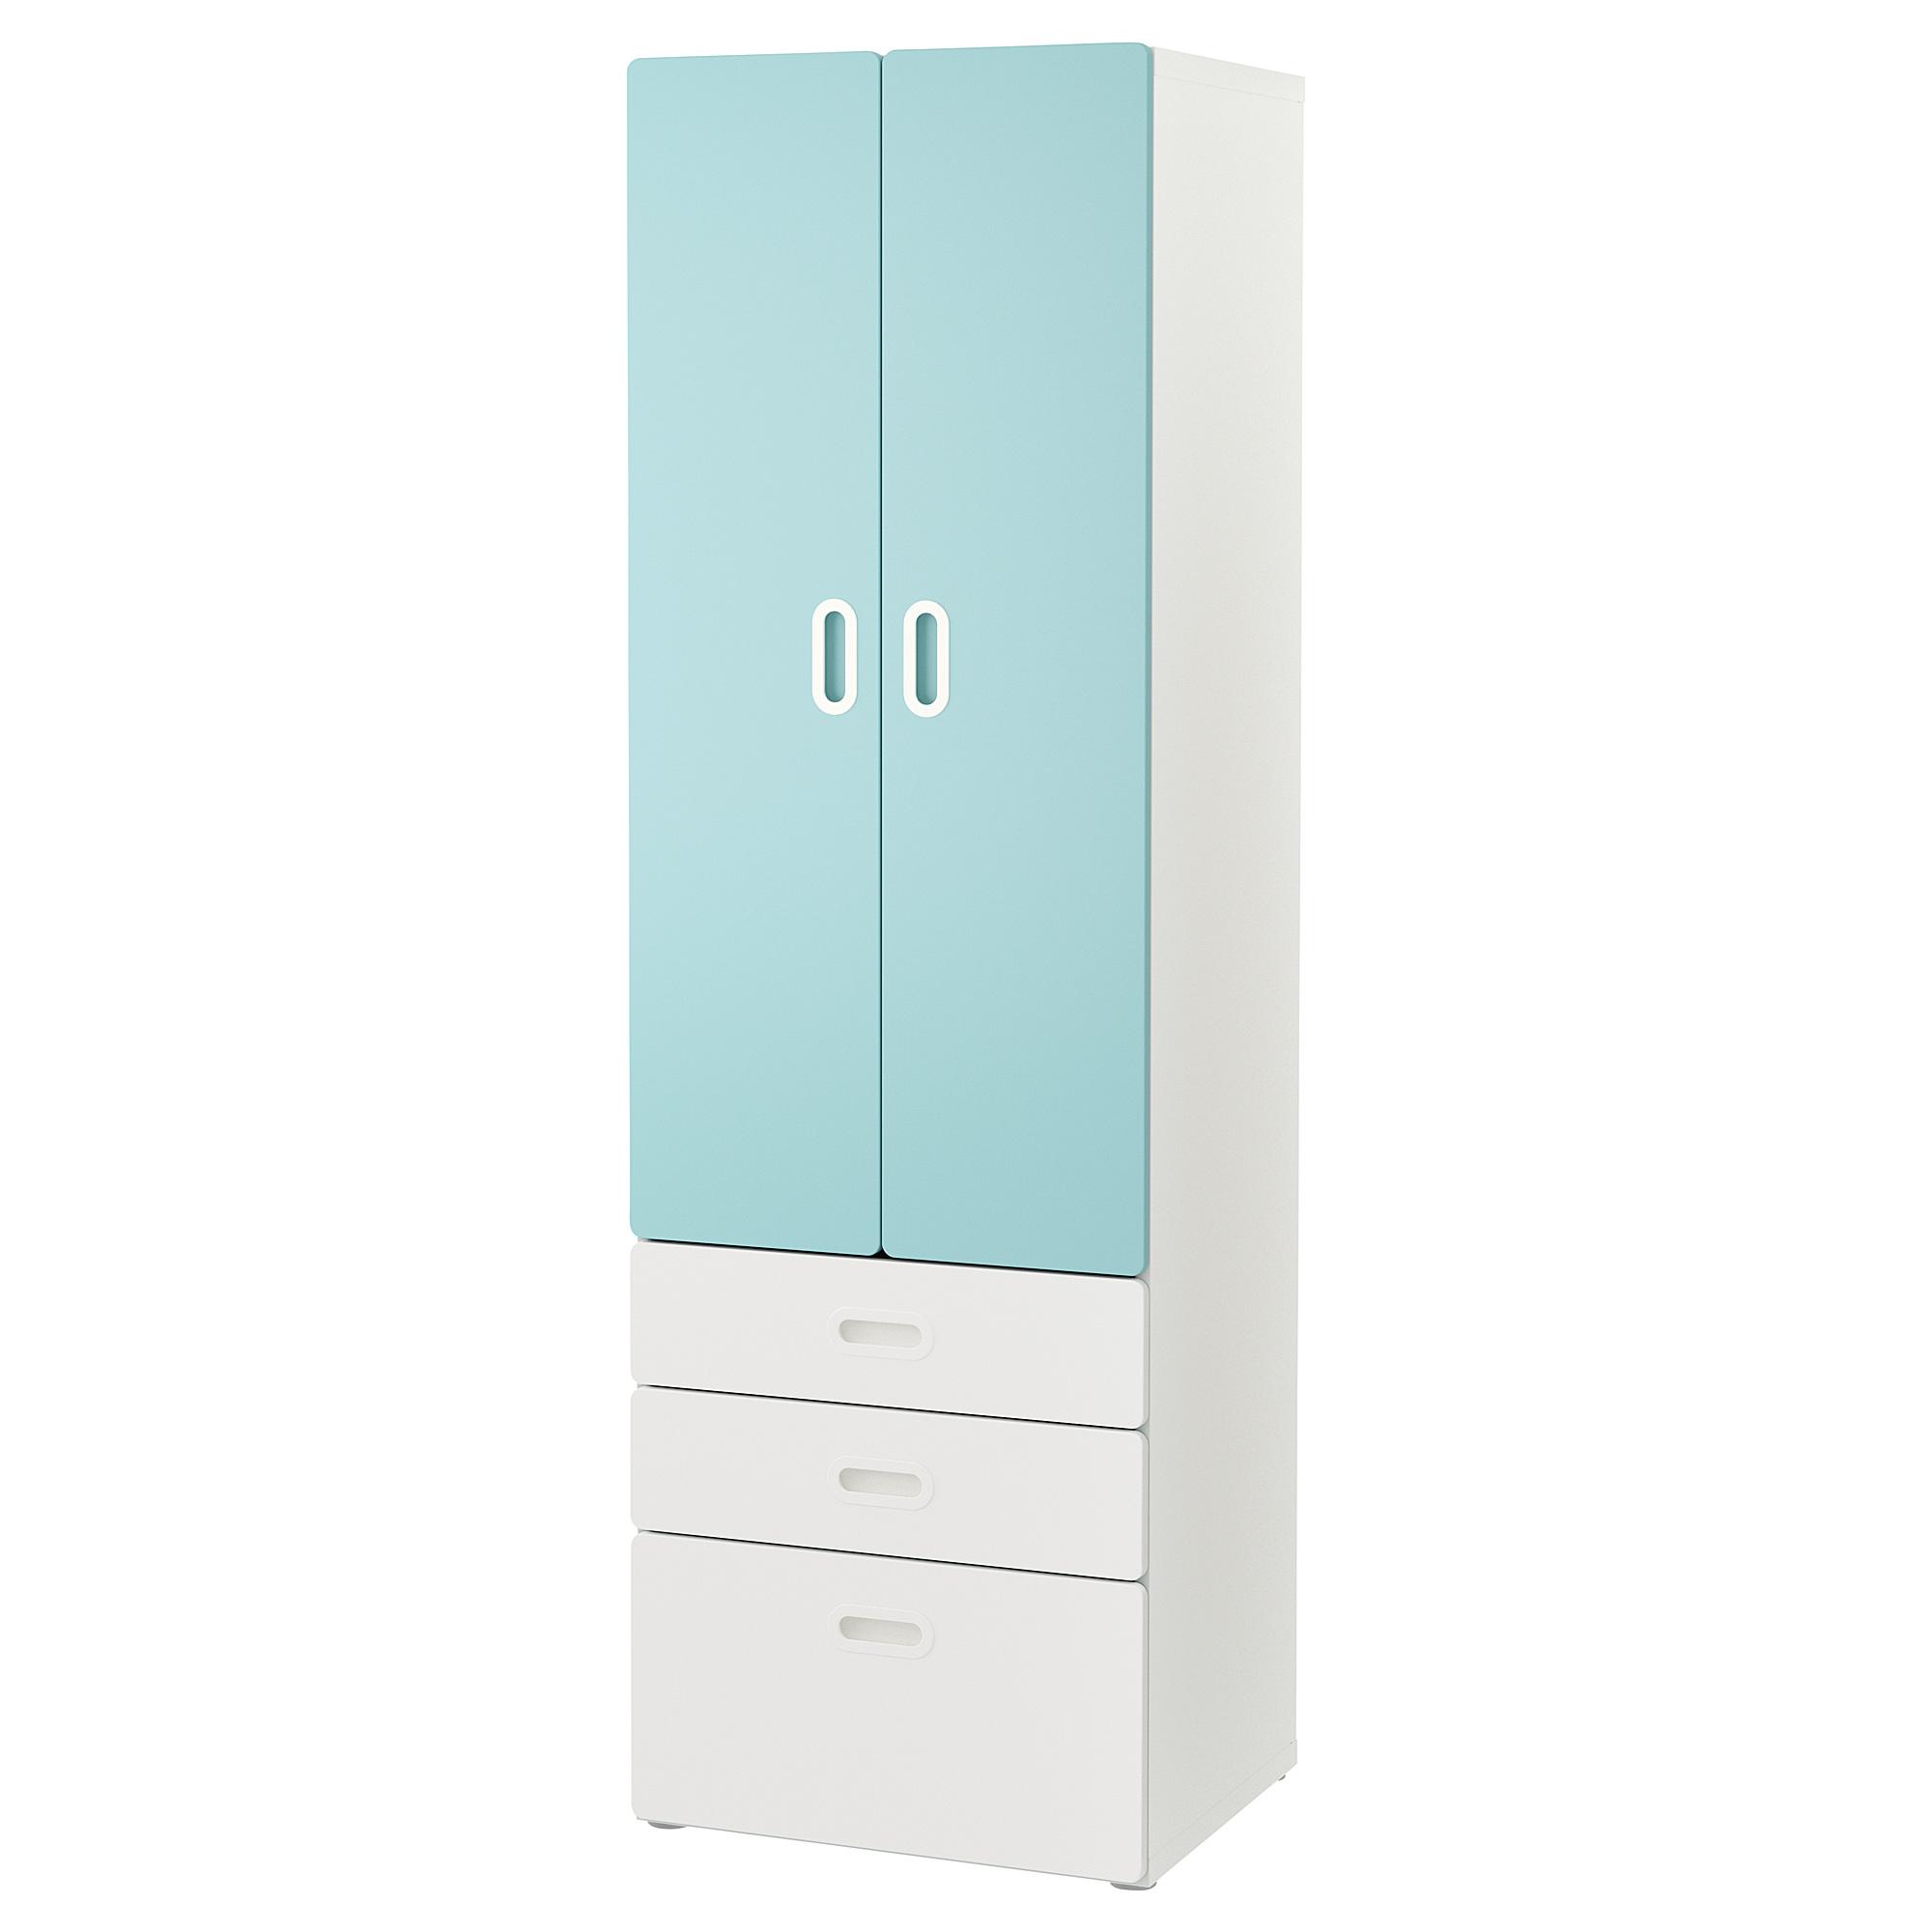 STUVA / FRITIDS Wardrobe white, light blue 23 5/8x19 5